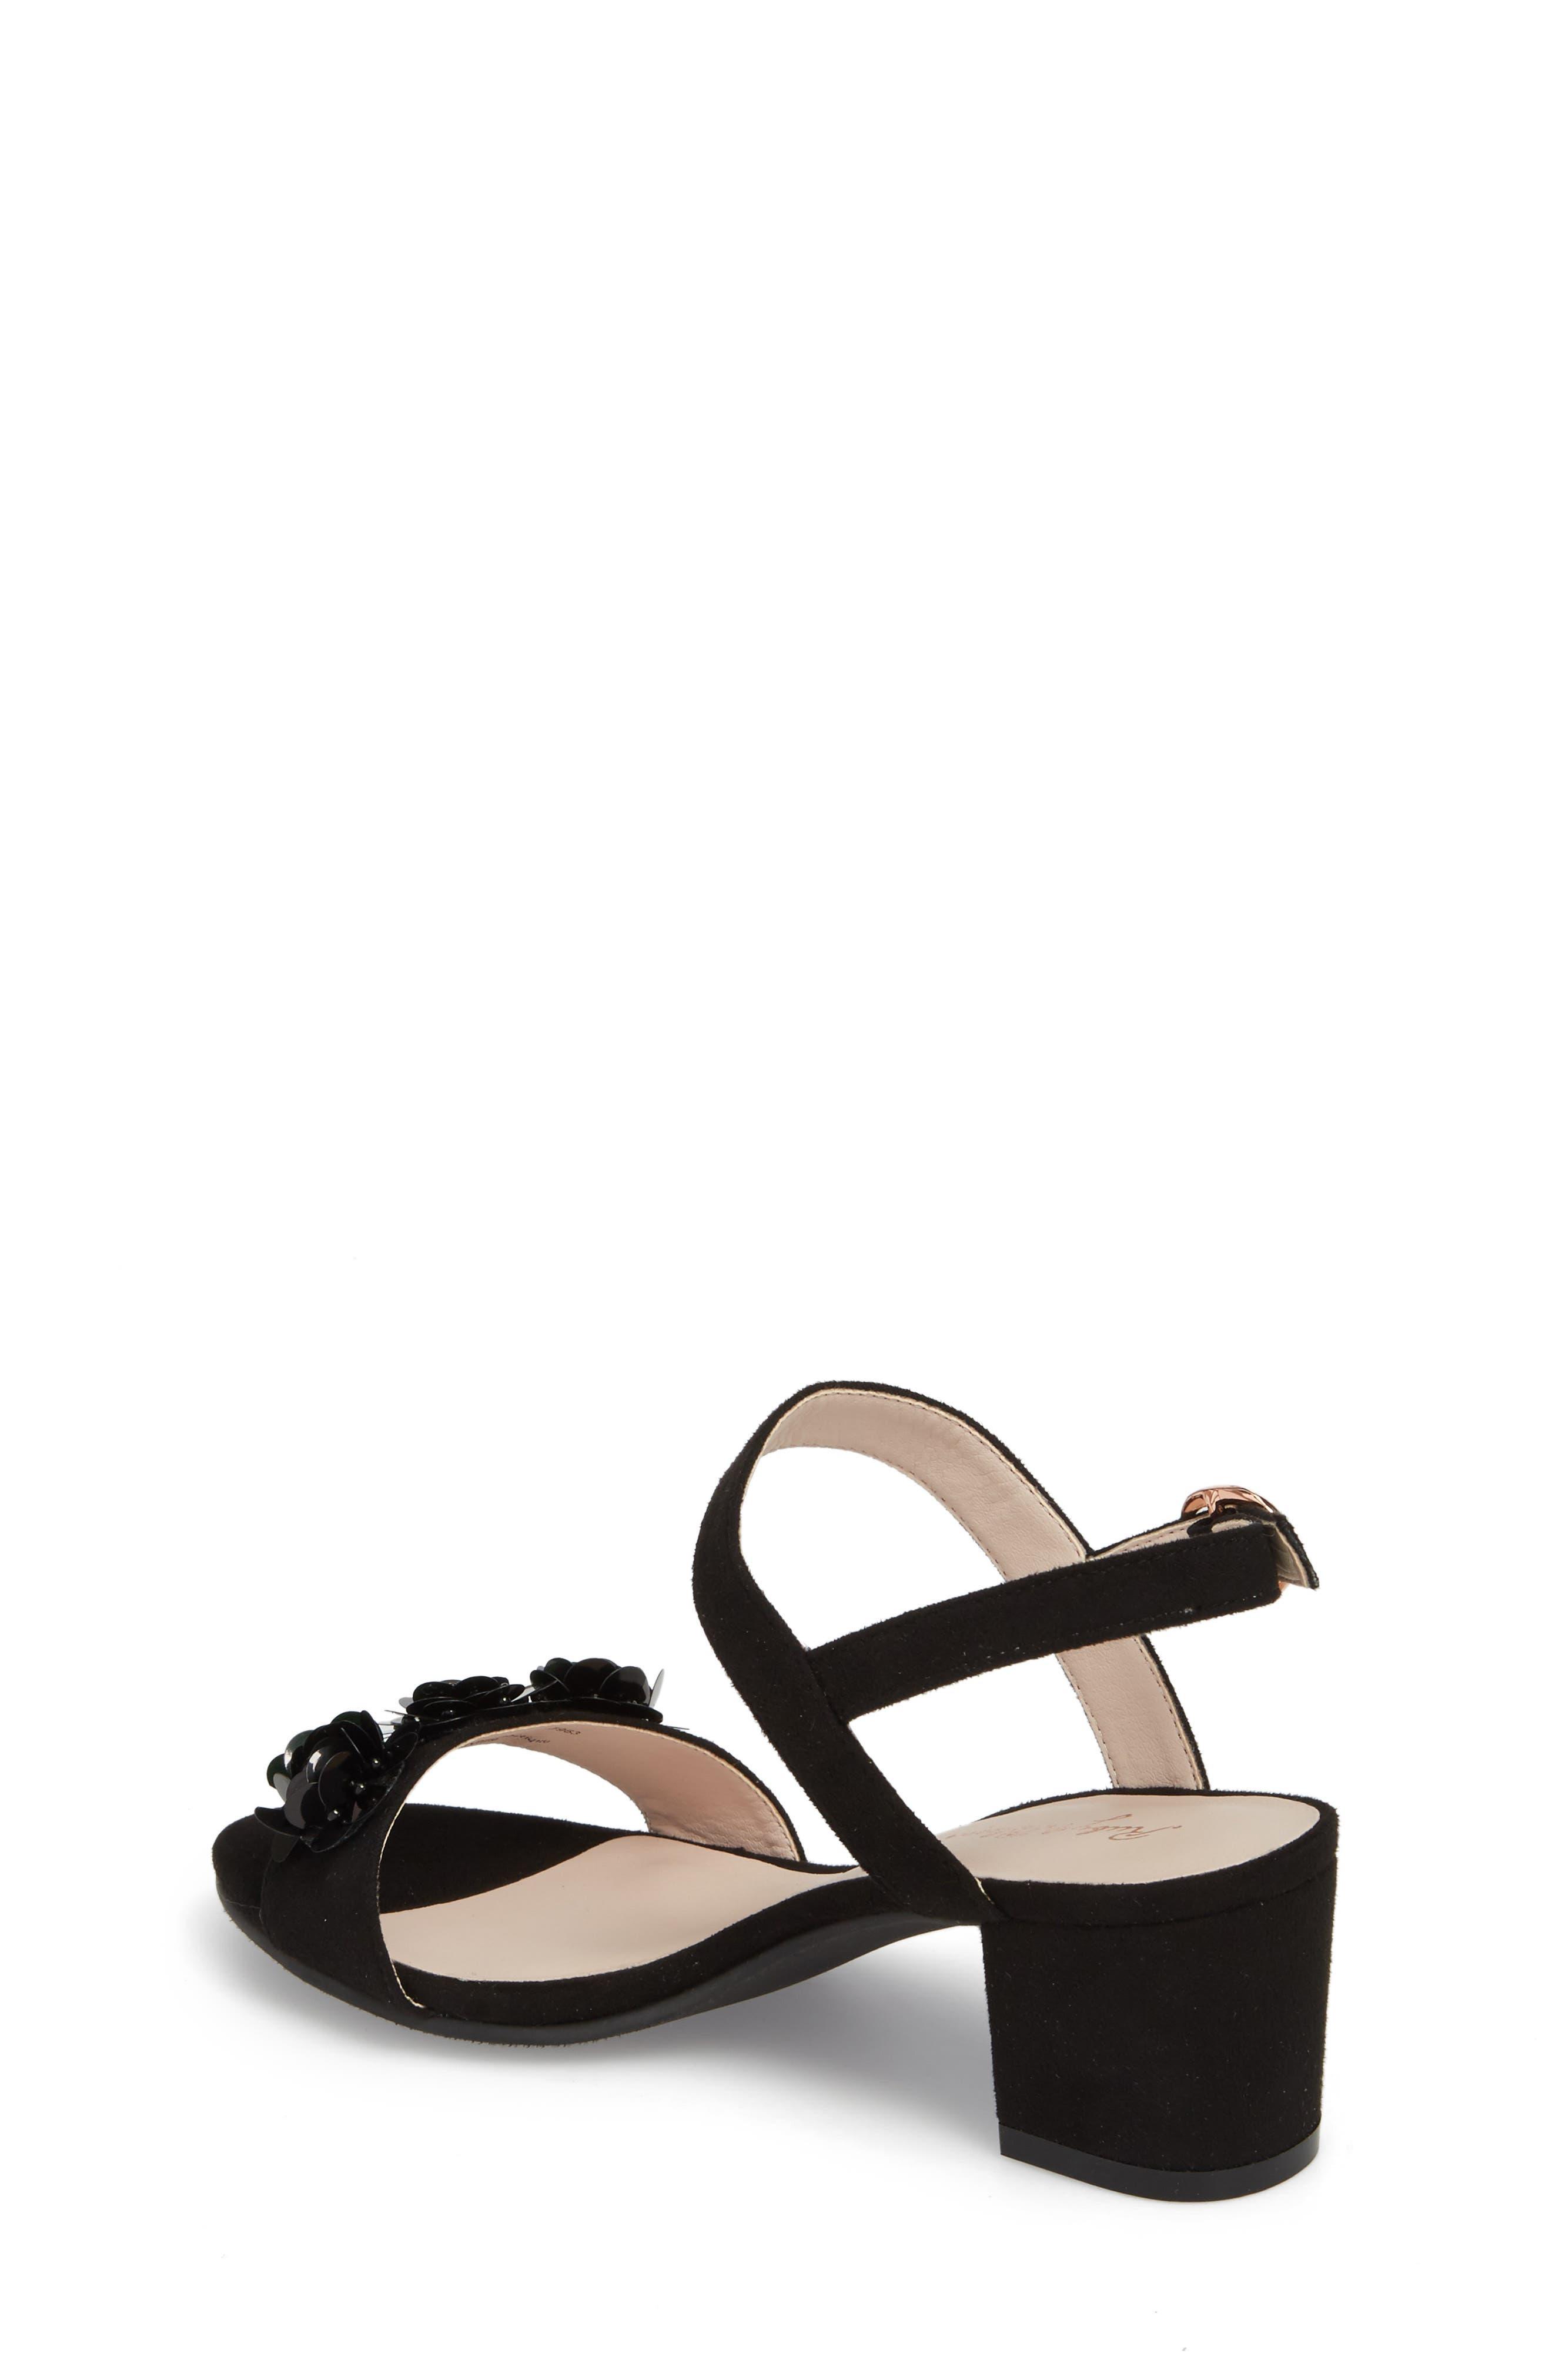 Dina Floral Embellished Sandal,                             Alternate thumbnail 2, color,                             Black Fabric